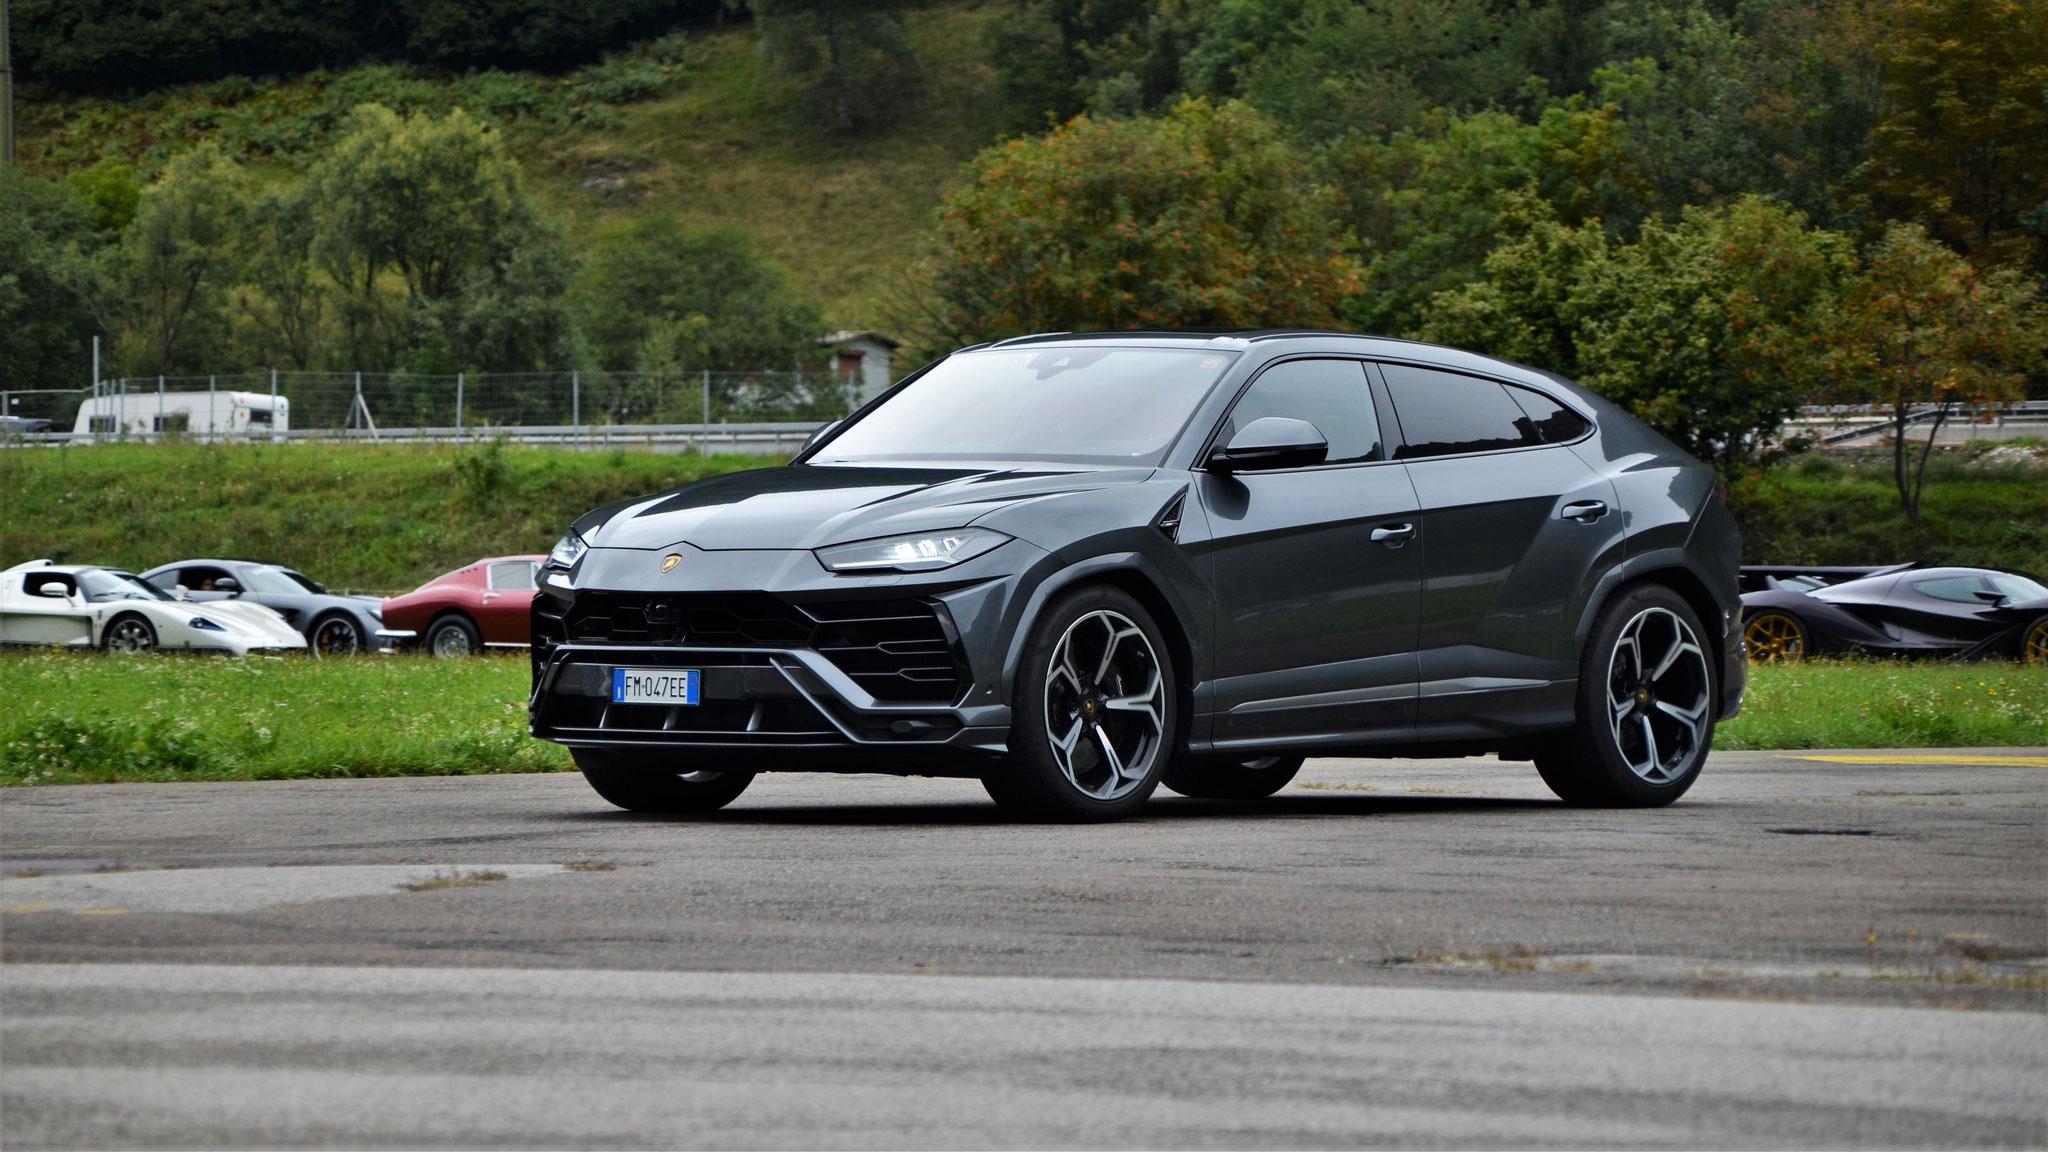 Lamborghini Urus - FM-047-EE (ITA)